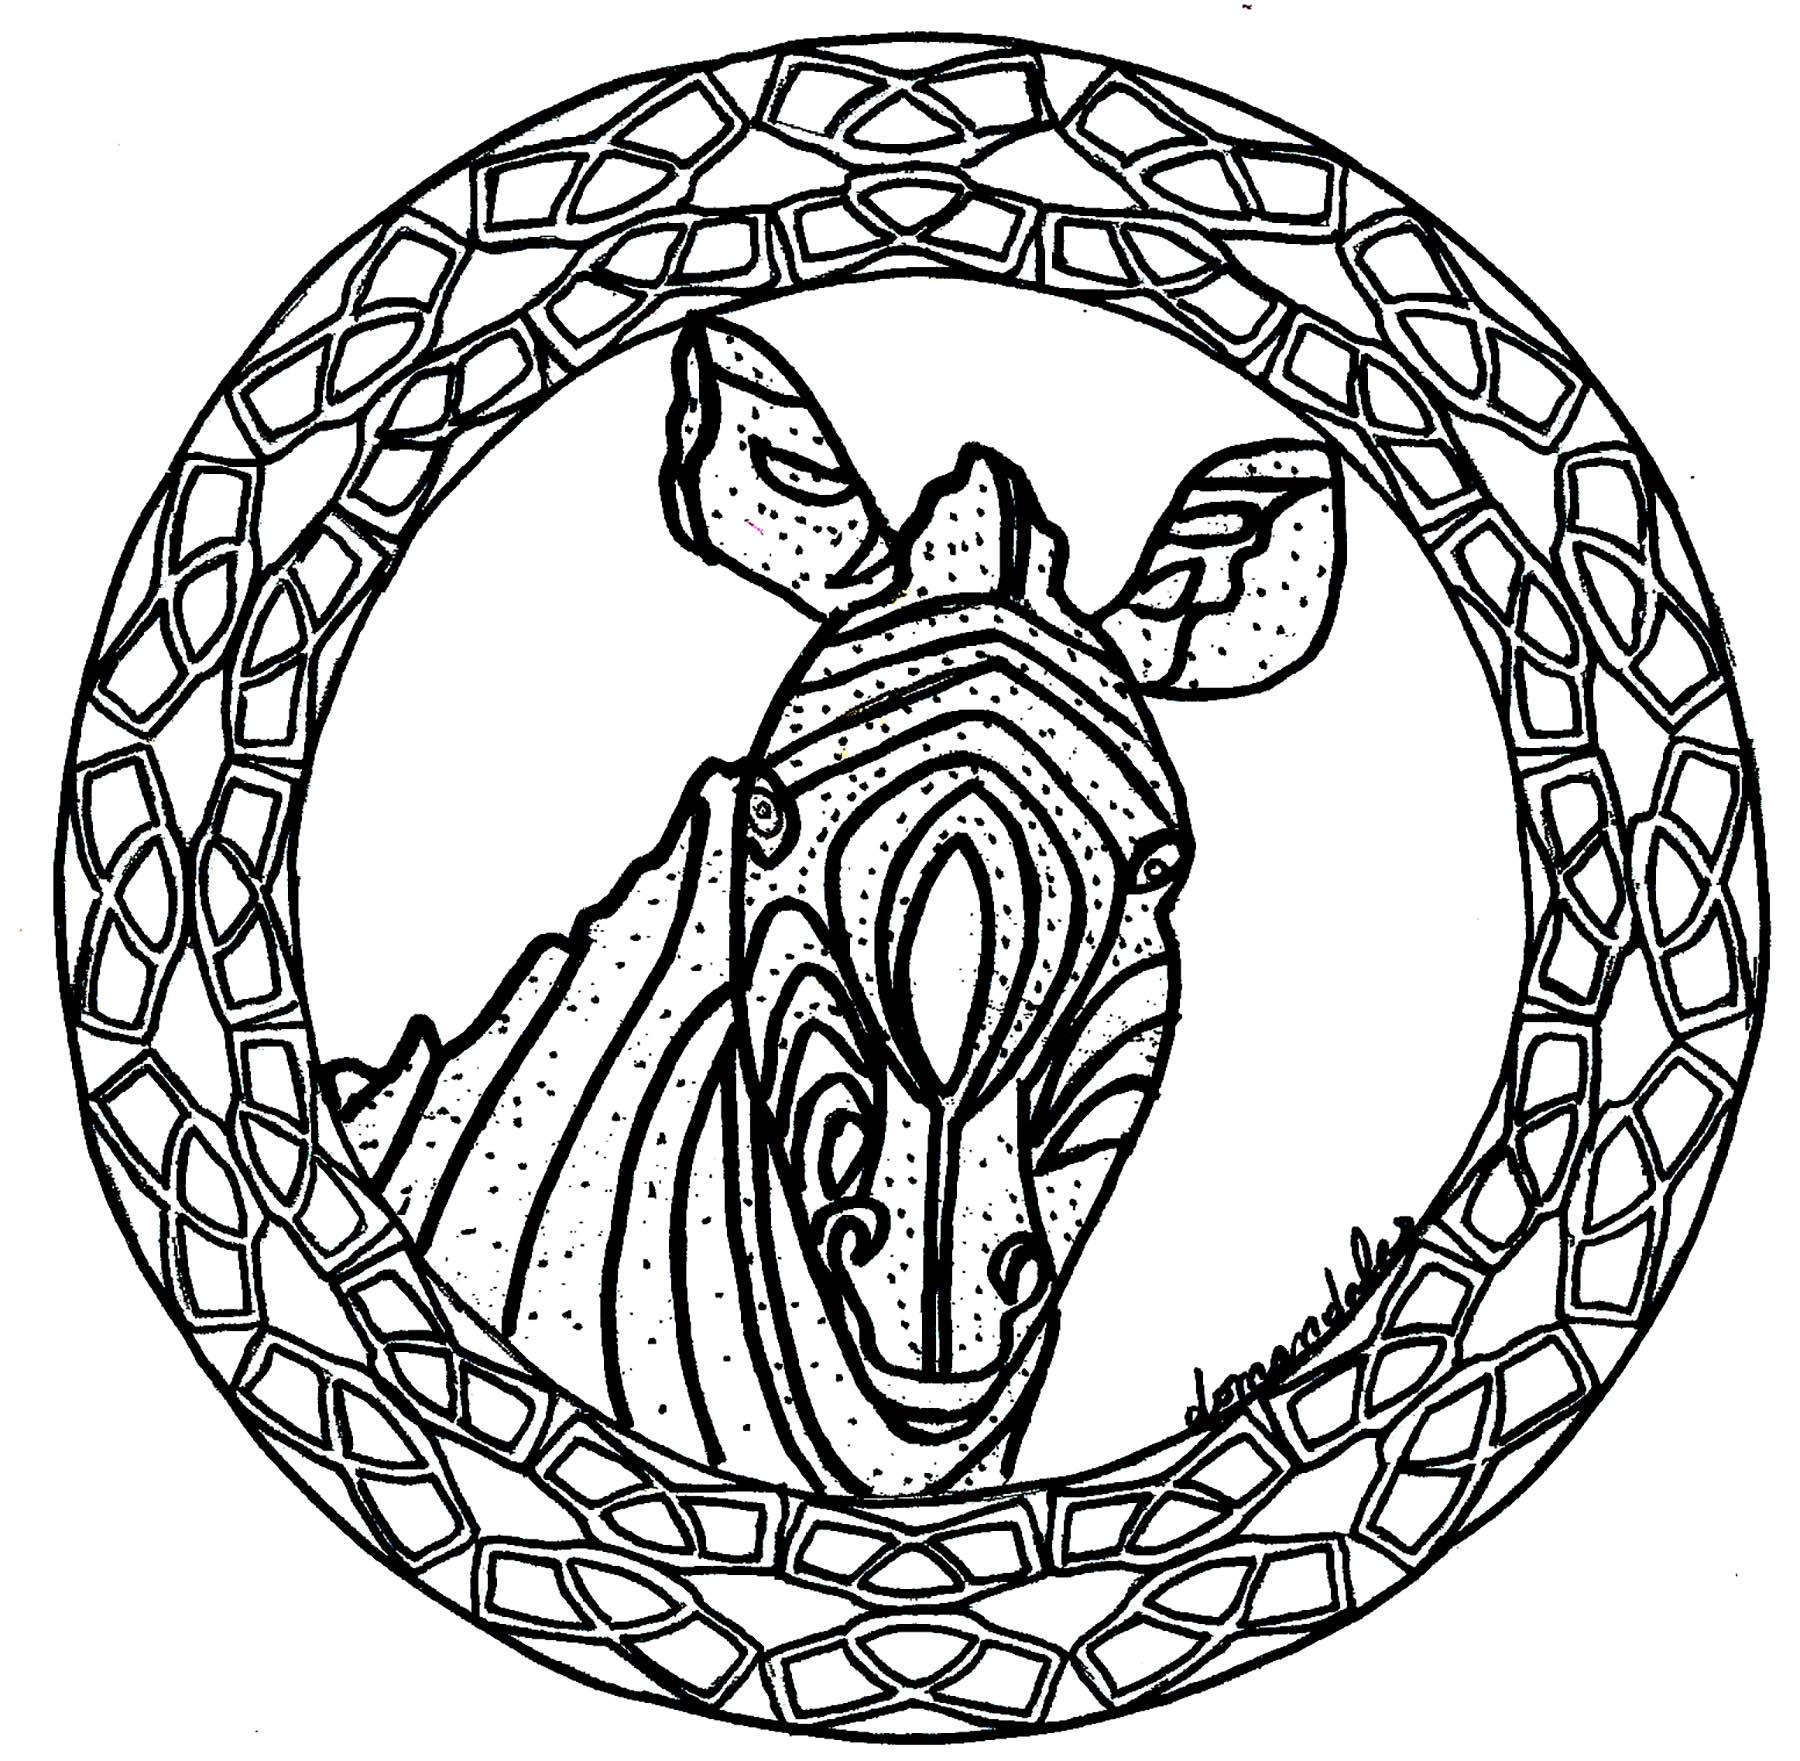 Meilleur De Dessin A Imprimer Mandala Facile Animaux